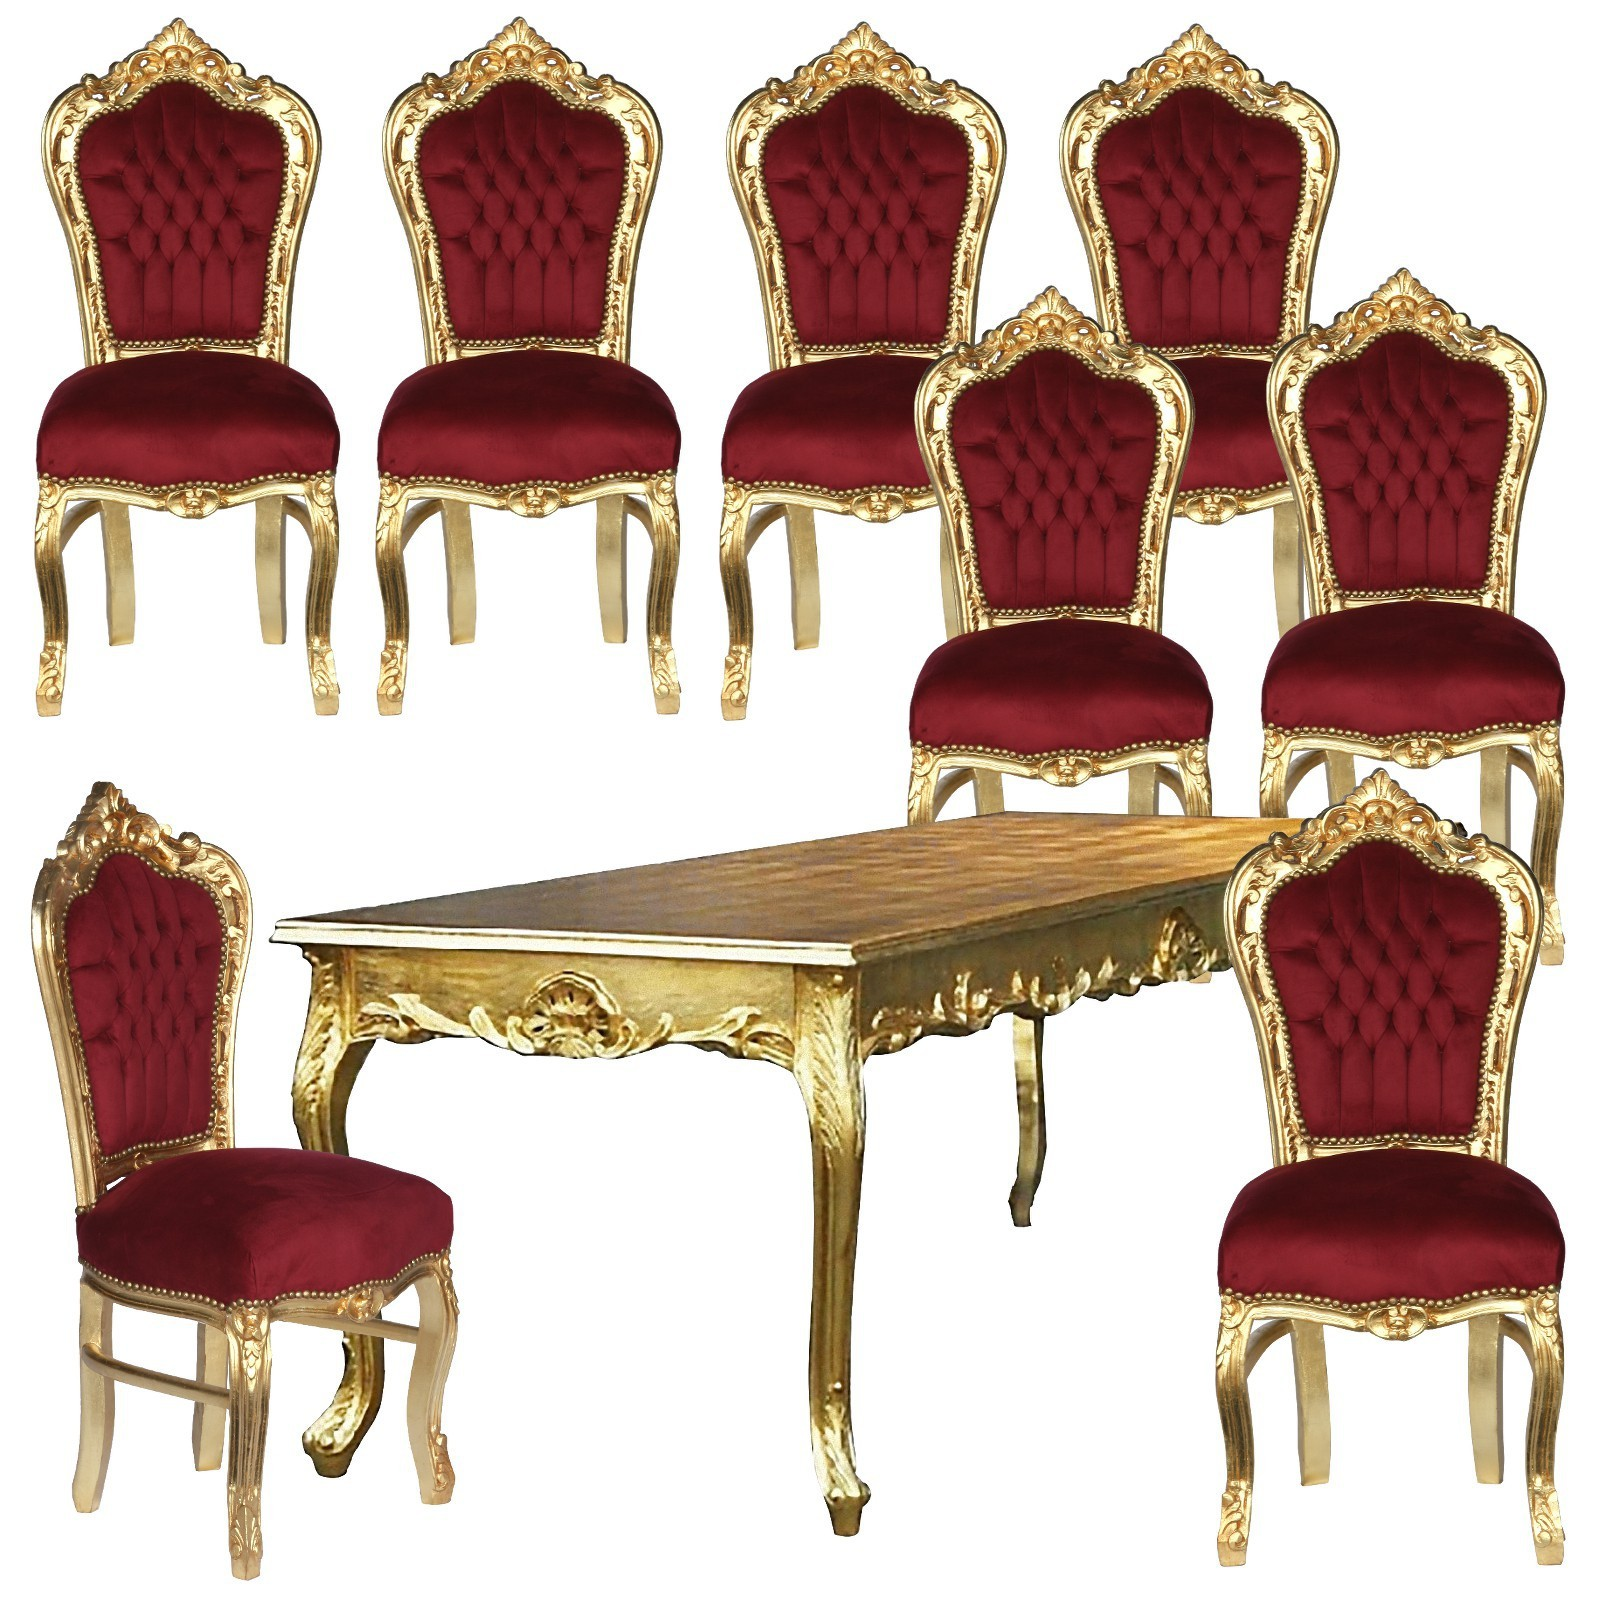 Antike möbel tische und stühle  Antike Essgruppe Speisezimmer Barockmöbel Set Angebot Stühle & Tisch ...